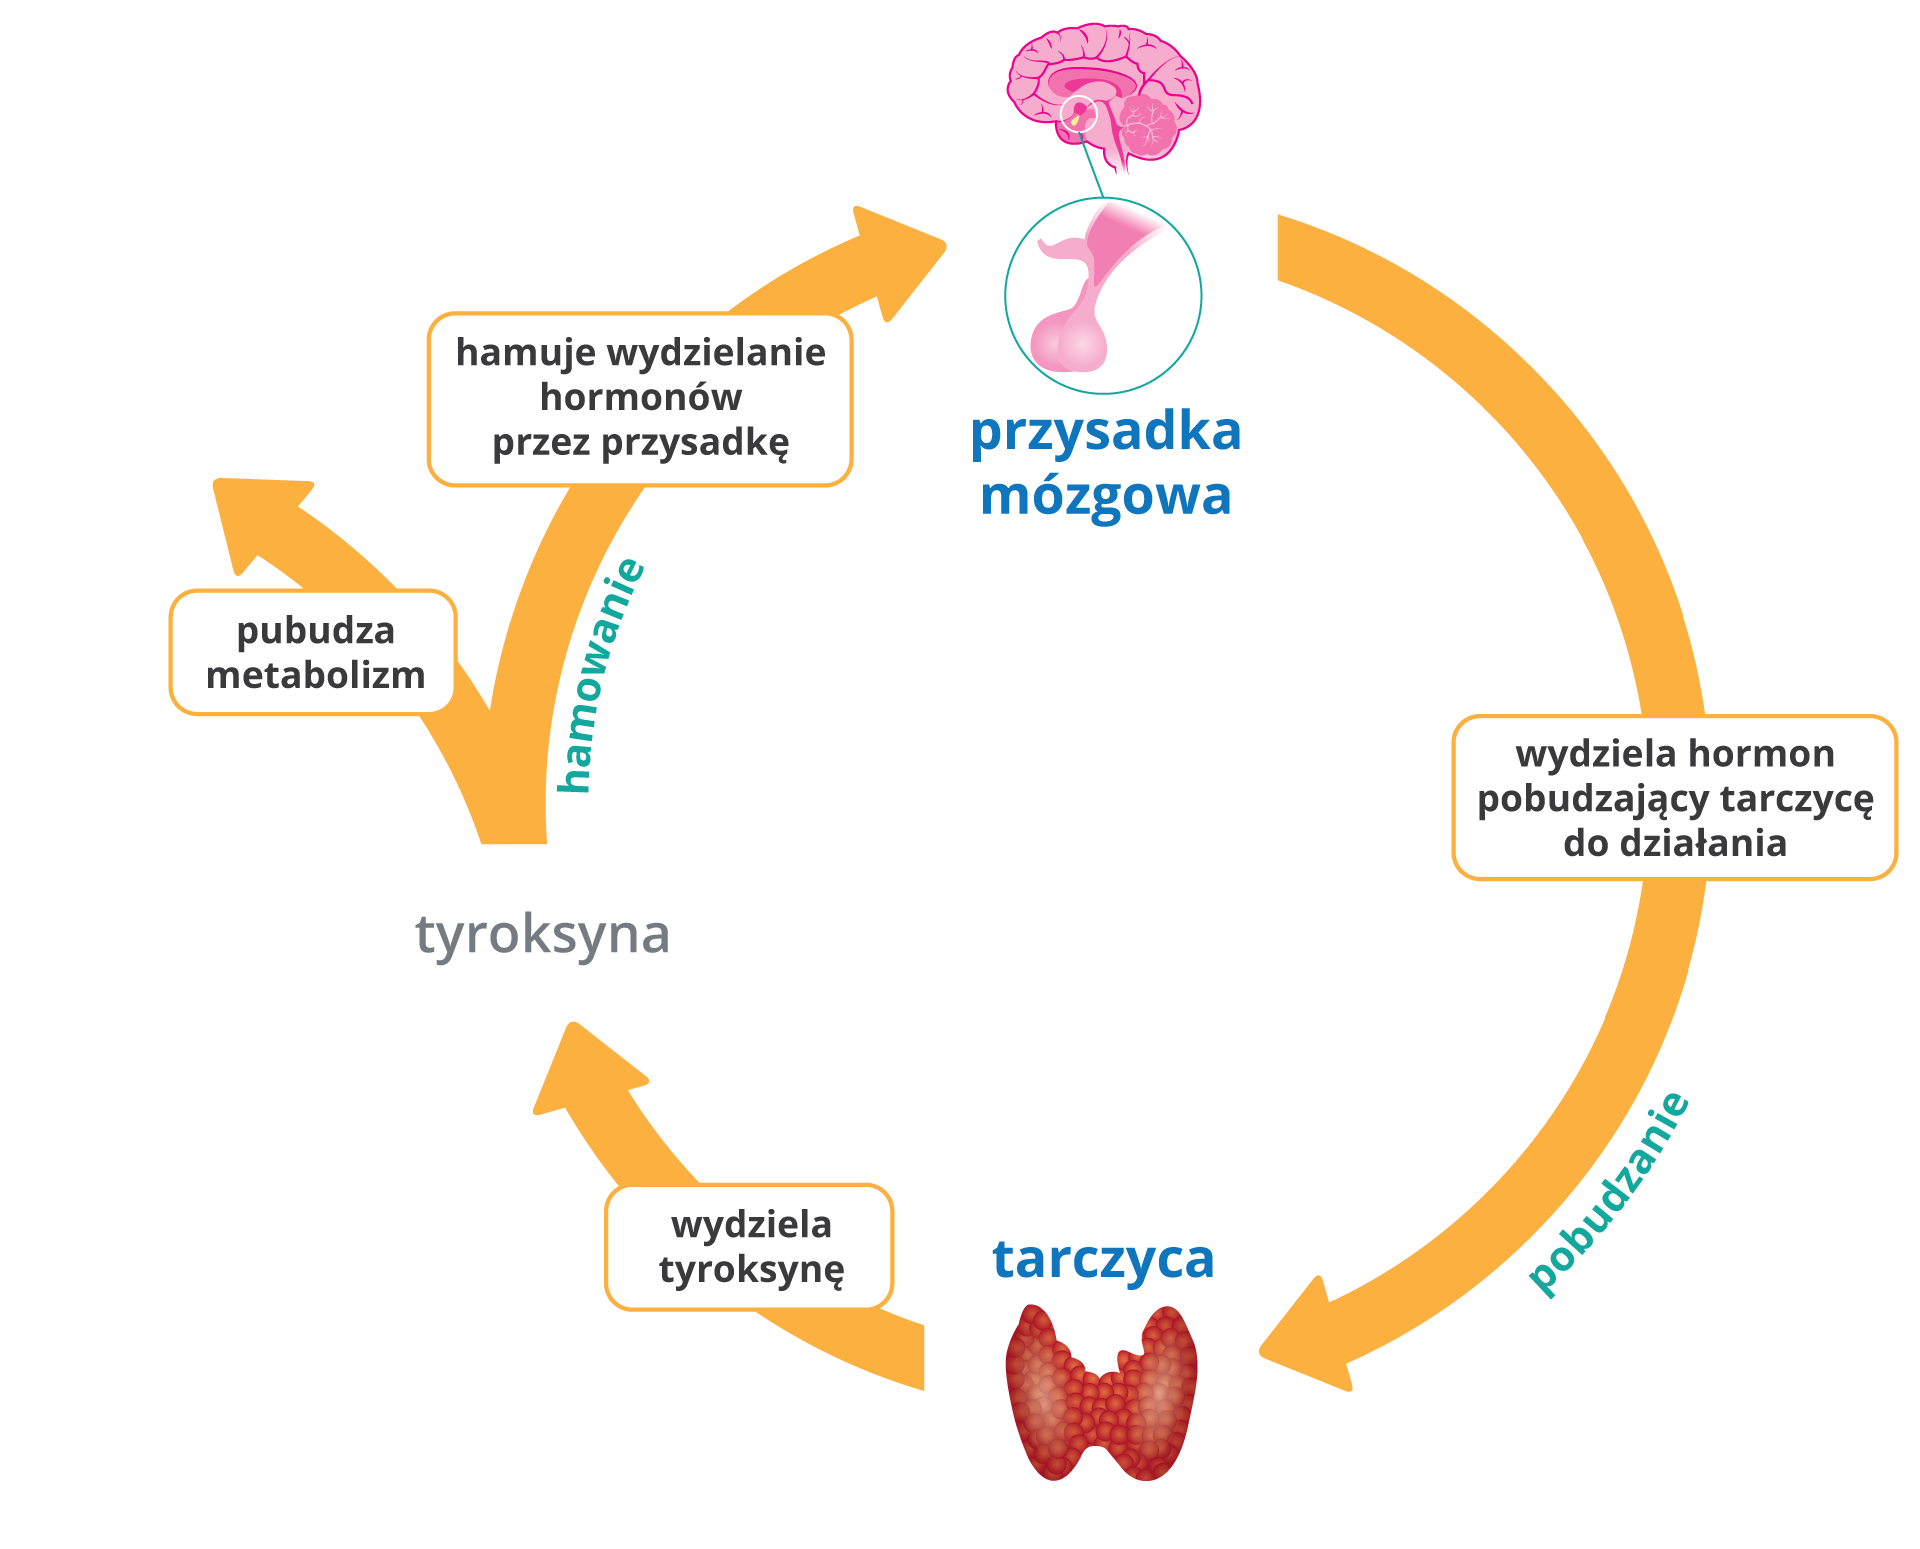 Ilustracja przedstawia regulację pracy tarczycy przez przysadkę mózgową na zasadzie ujemnego sprzężenia zwrotnego. Gdy we krwi jest mało tyroksyny przysadka pobudza tarczycę do jej wytwarzania; gdy poziom tyroksyny jest zbyt wysoki, przysadka wpływa na tarczycę, która ogranicza produkcję tyroksyny.